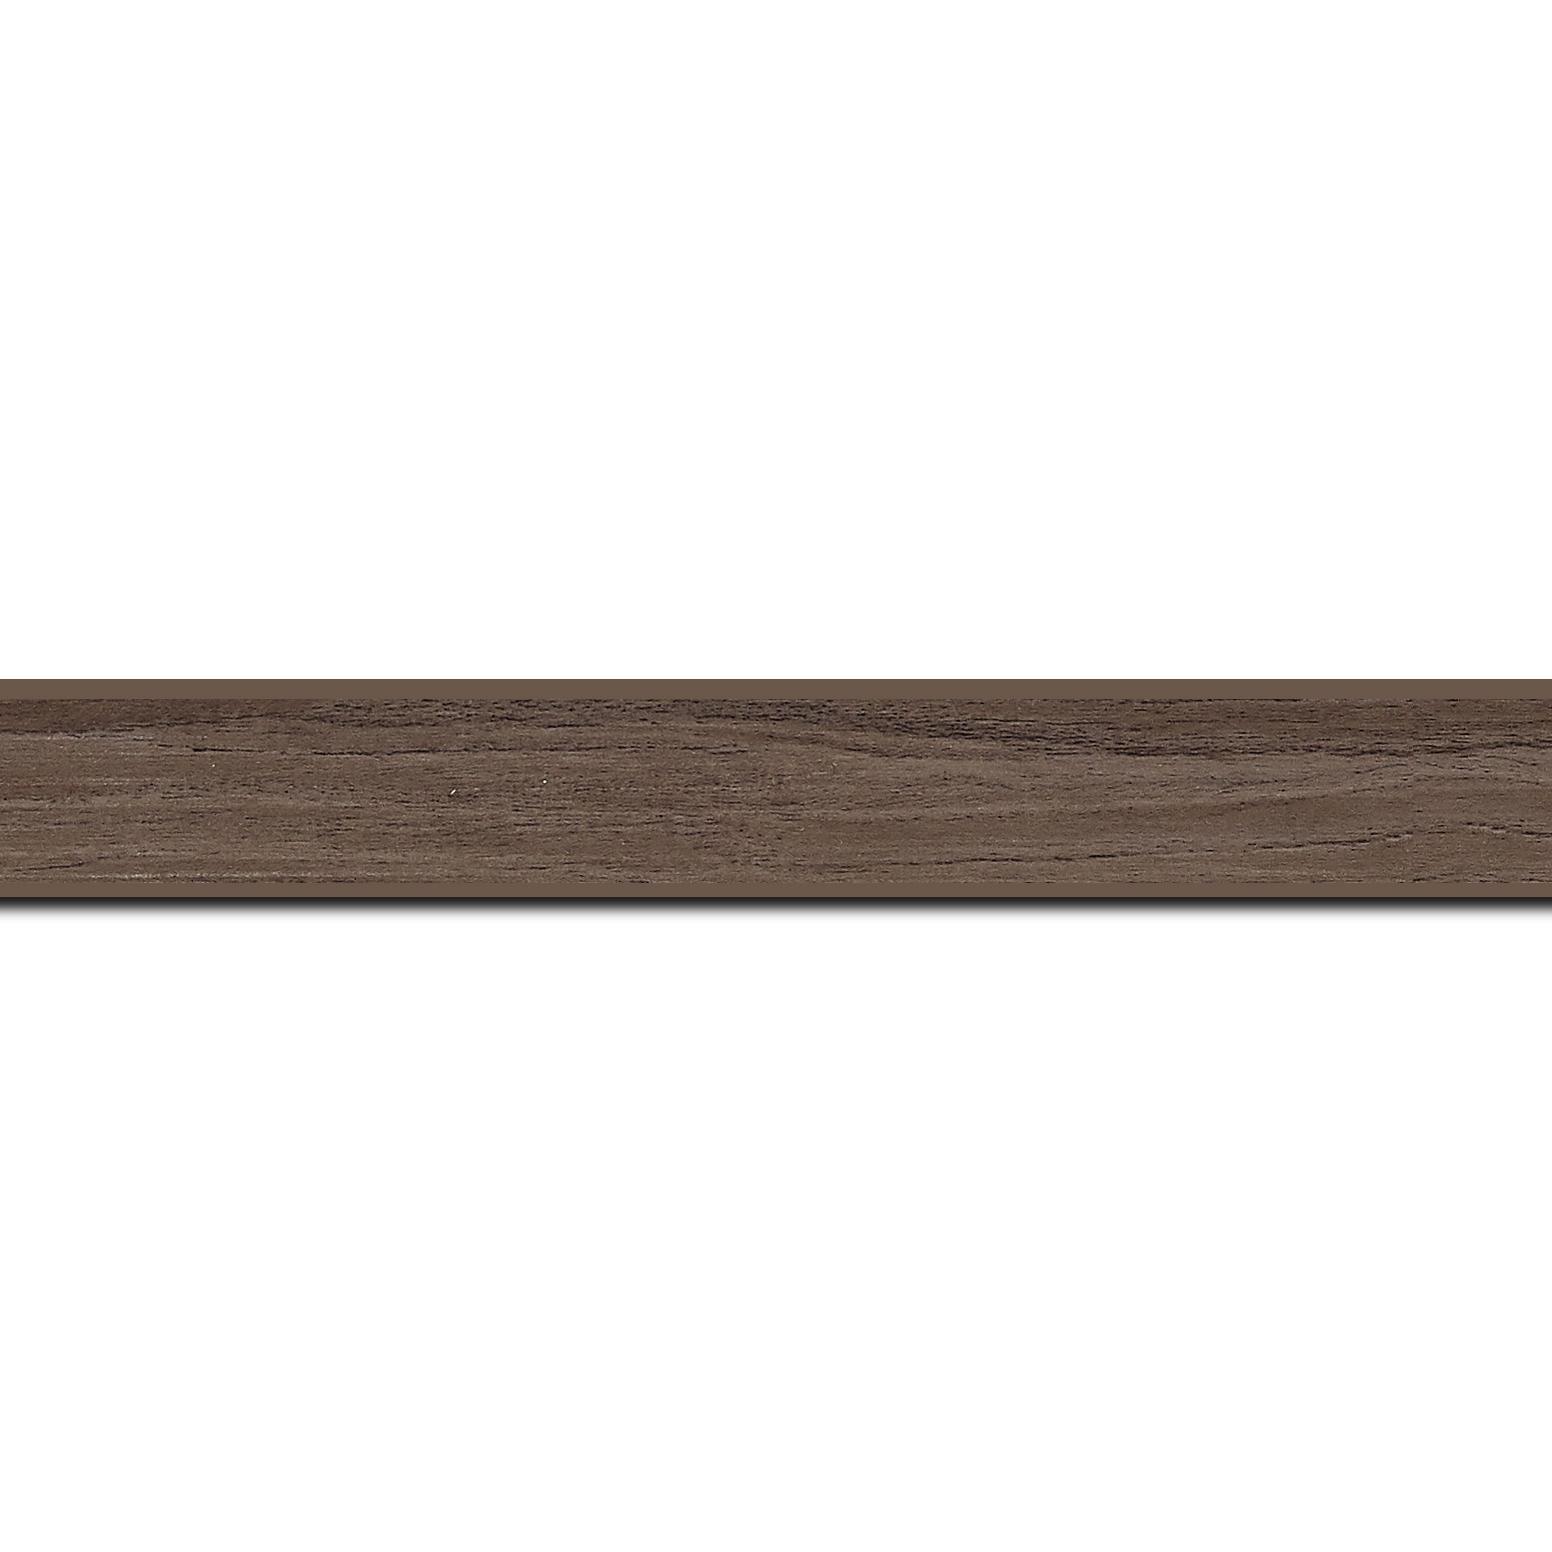 Pack par 12m, bois profil plat largeur 2cm décor bois noyer (longueur baguette pouvant varier entre 2.40m et 3m selon arrivage des bois)